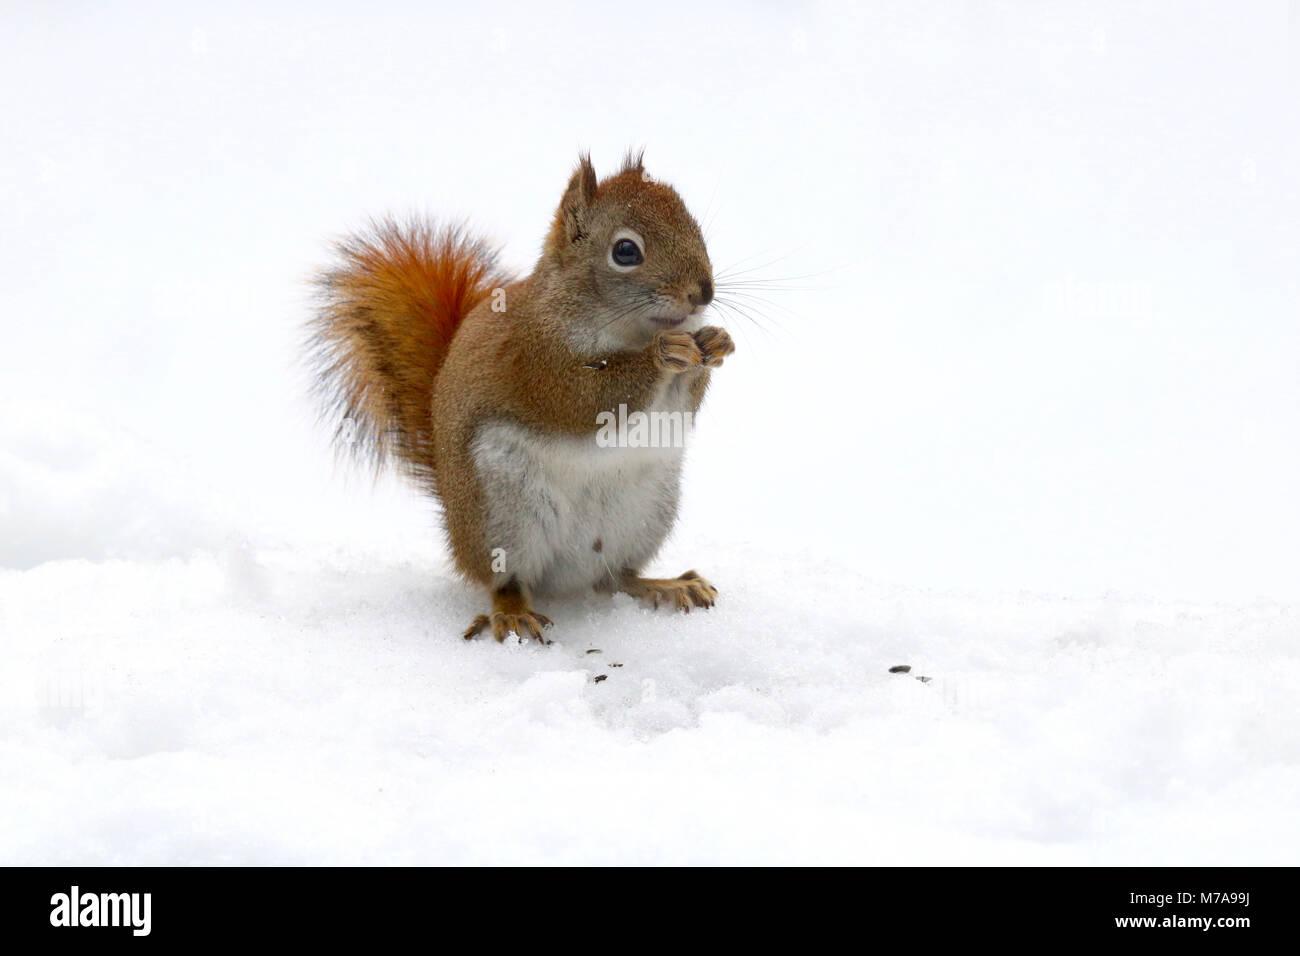 Un poco de ardilla roja Americana (Tamiasciurus hudsonicus) buscando comida en un día de nieve. Imagen De Stock